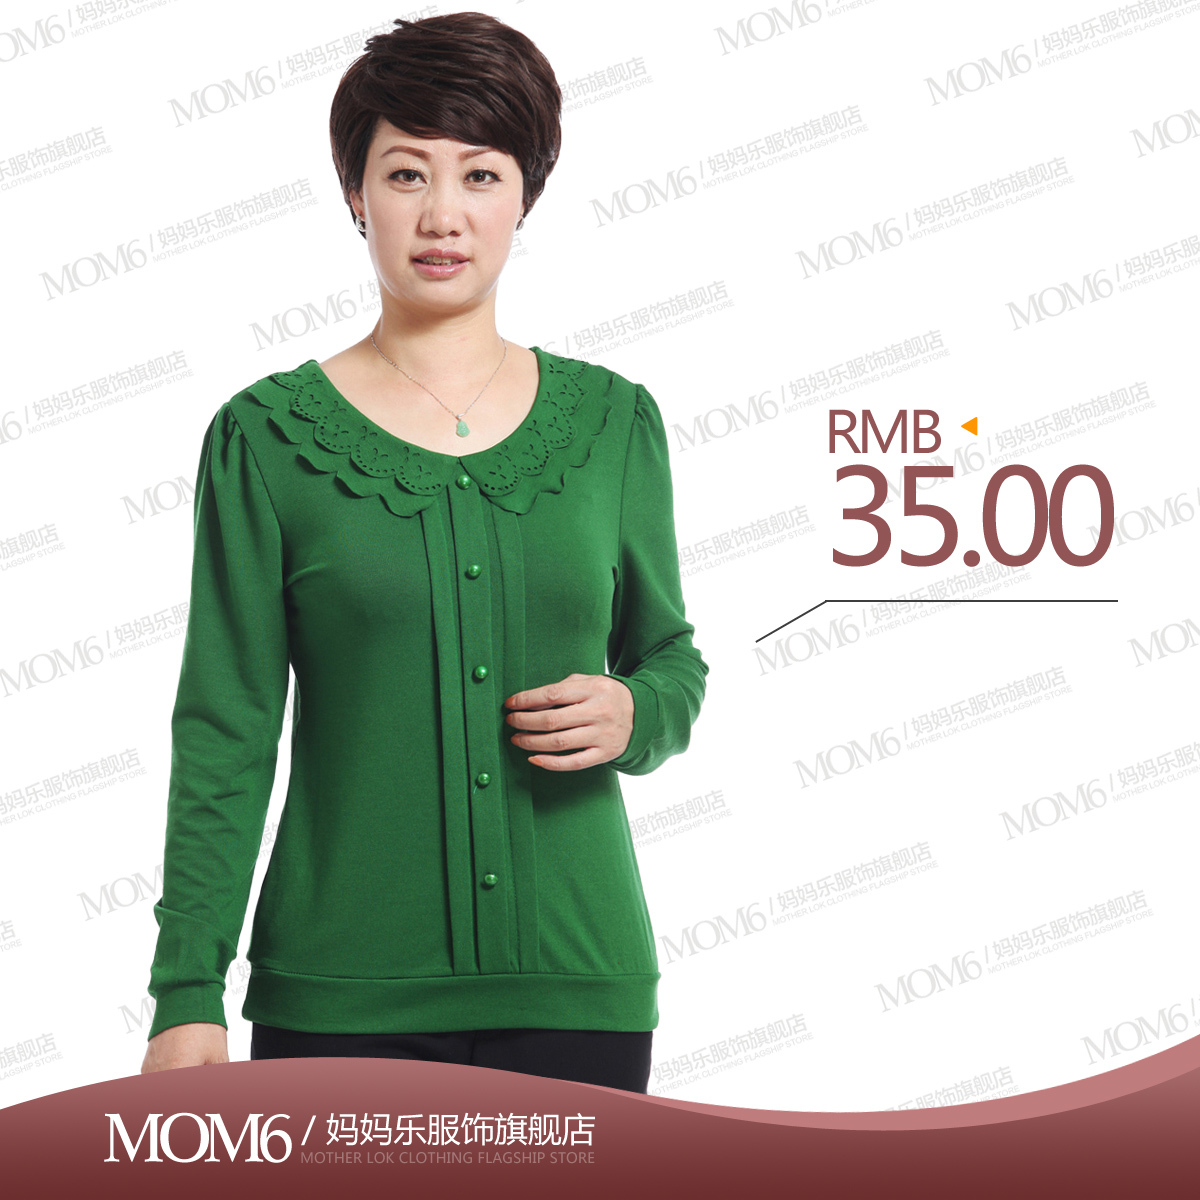 Одежда для дам lb029 FL2012 2012 Осень, Зима Пожилых людей (40-55 лет)